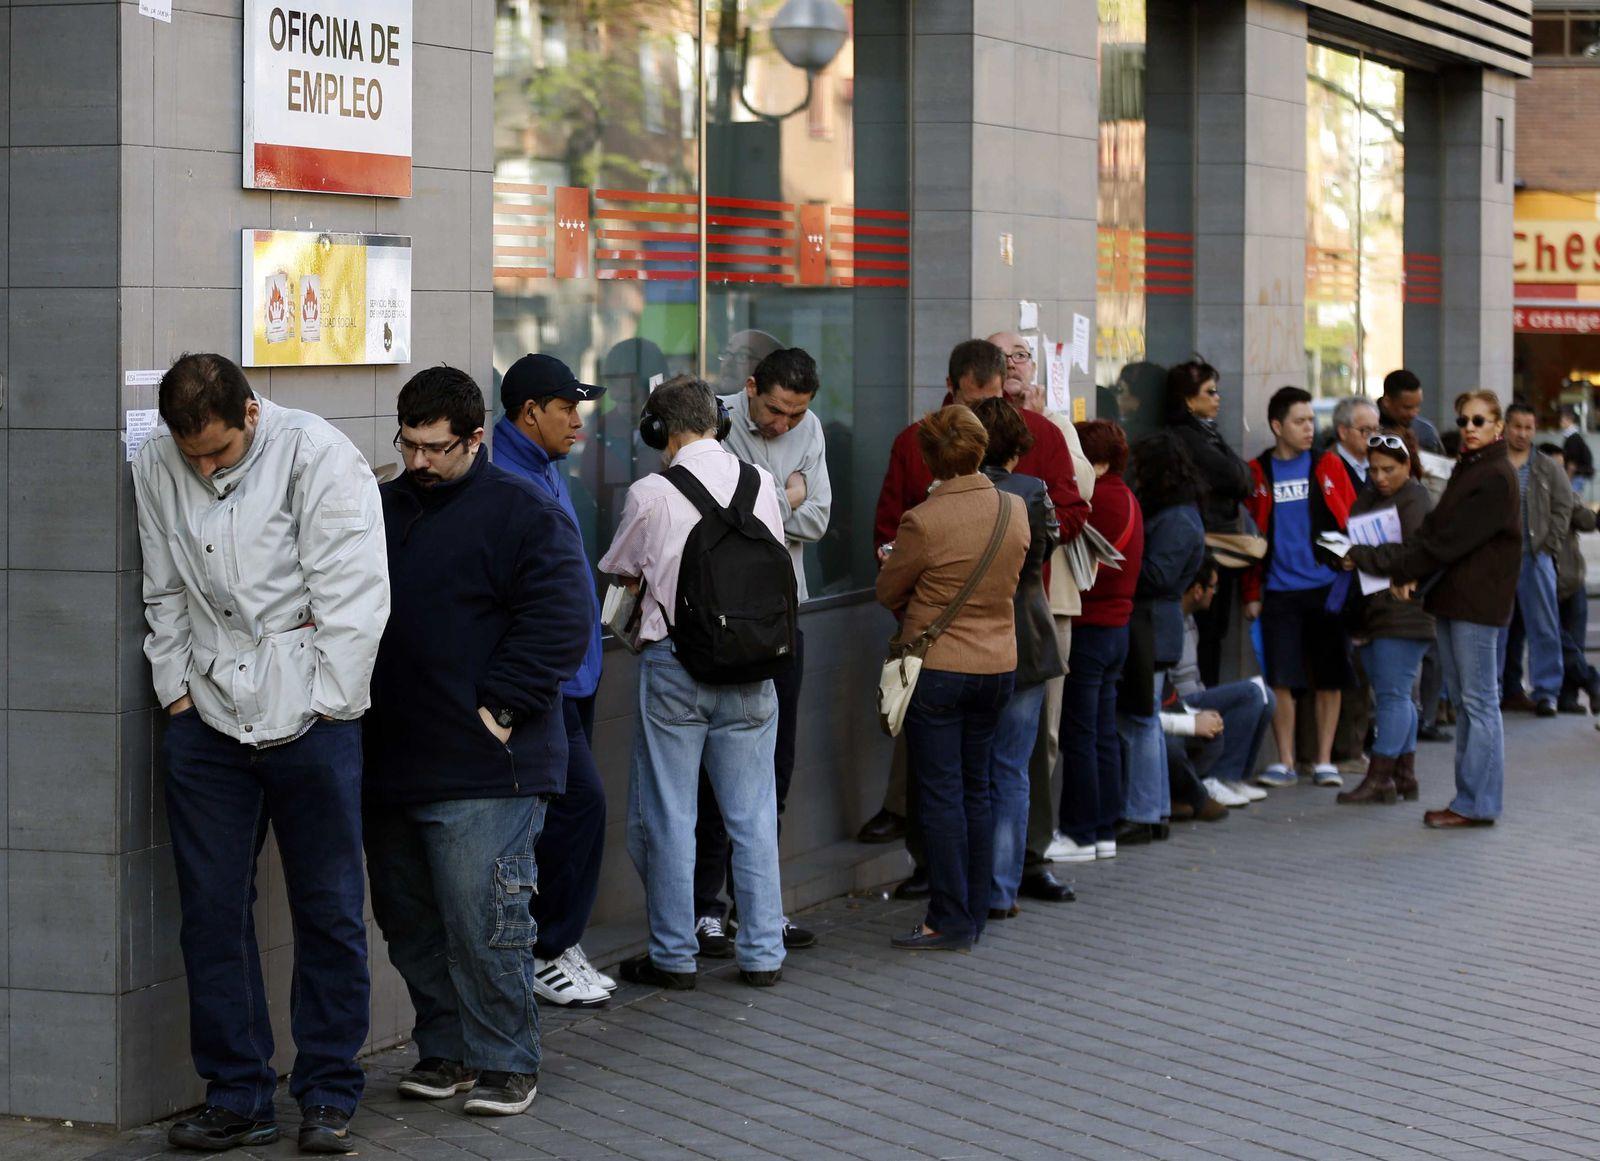 Spanien / Finanzkrise / Arbeitslose / Arbeitslosigkeit